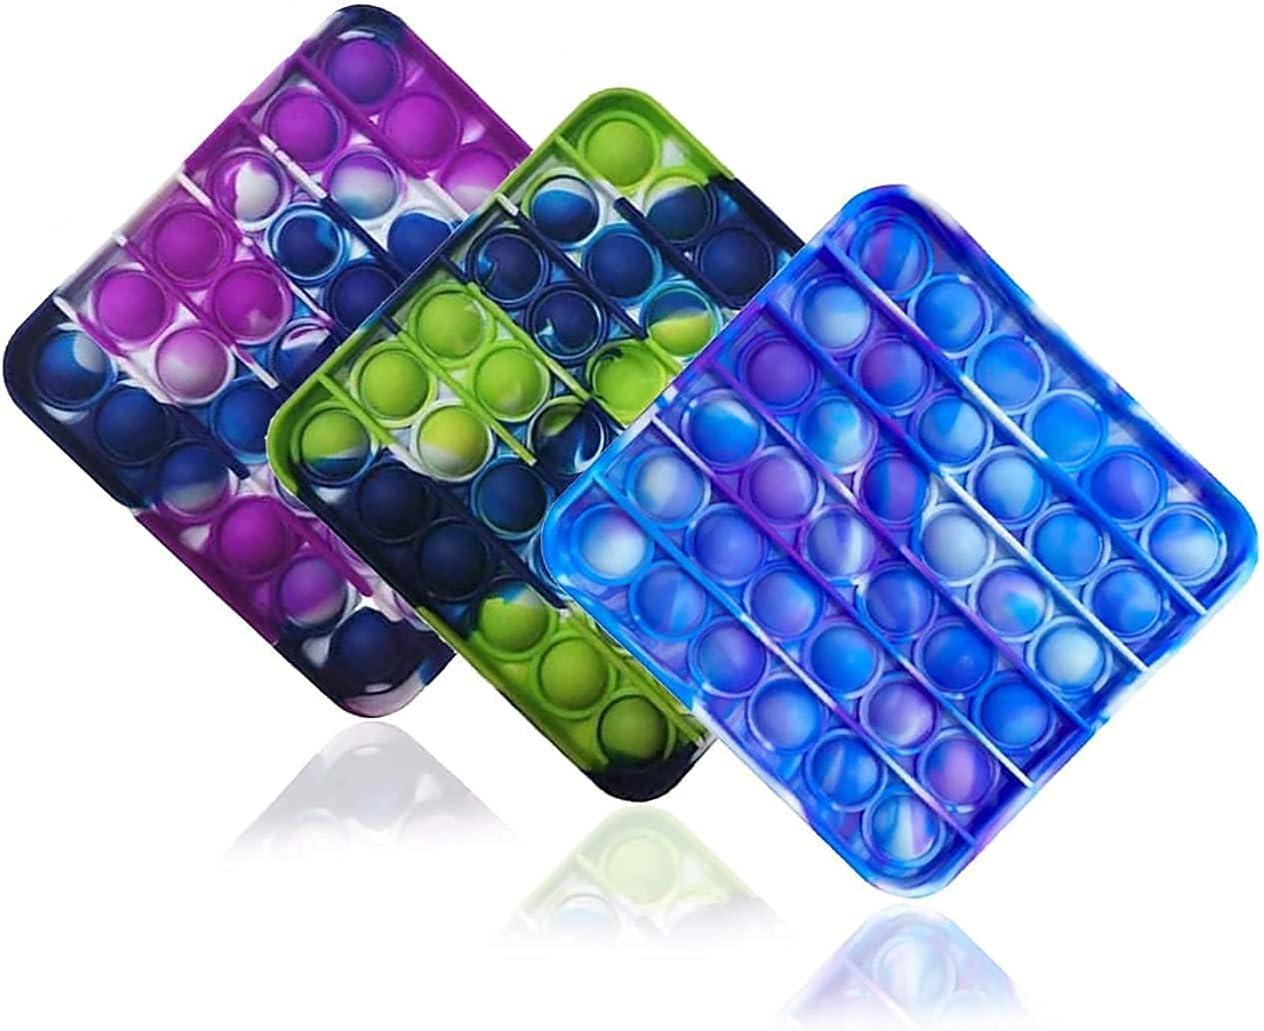 ZNNCO 3PCS Silicone Tie-dye online shop Push pop Bubble Autism Very popular Fidget S Toy